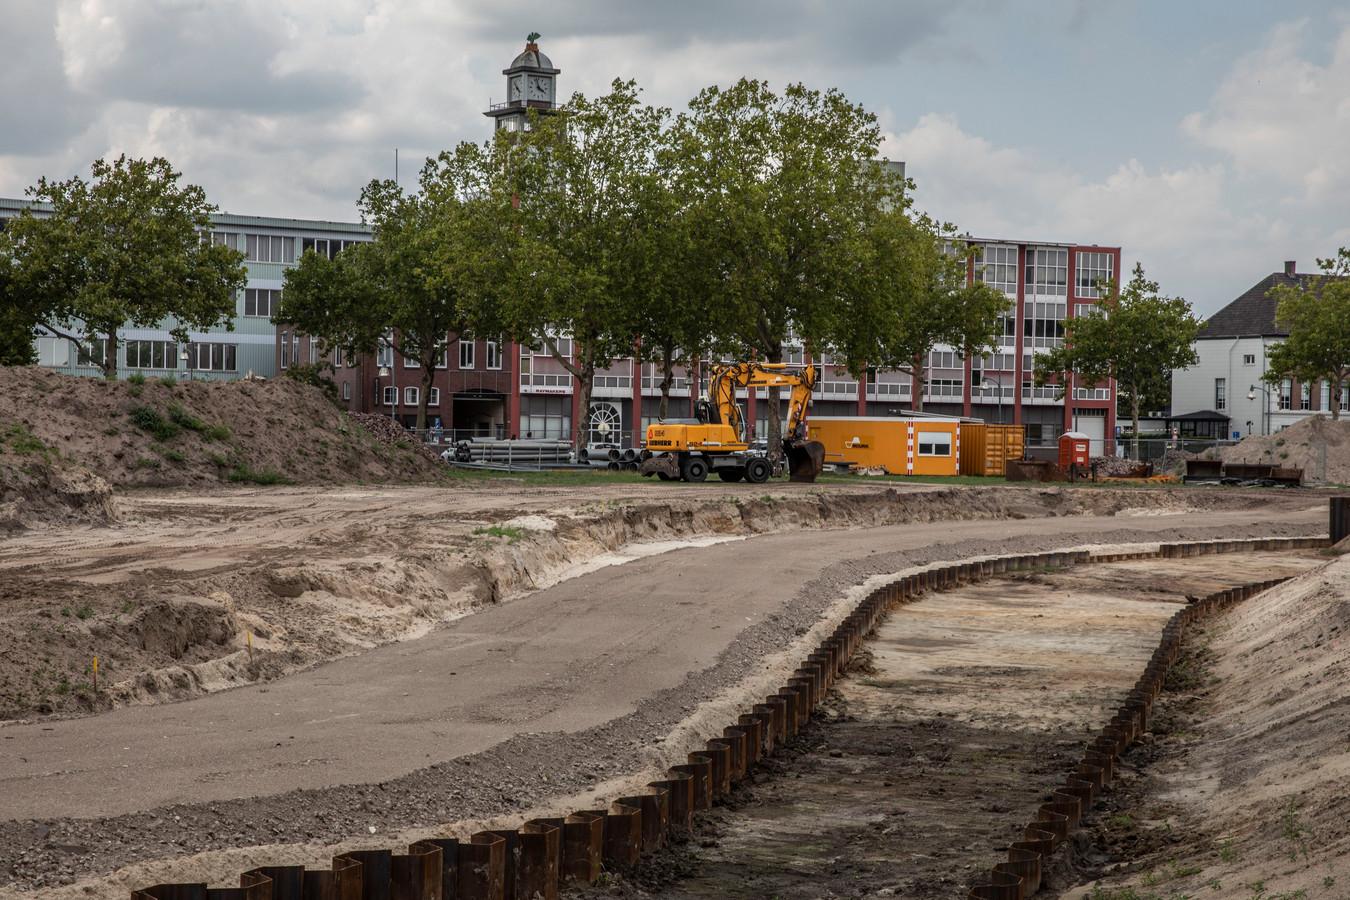 Het Burgemeester Geukerspark, een prestigieus groen project midden in de stad.